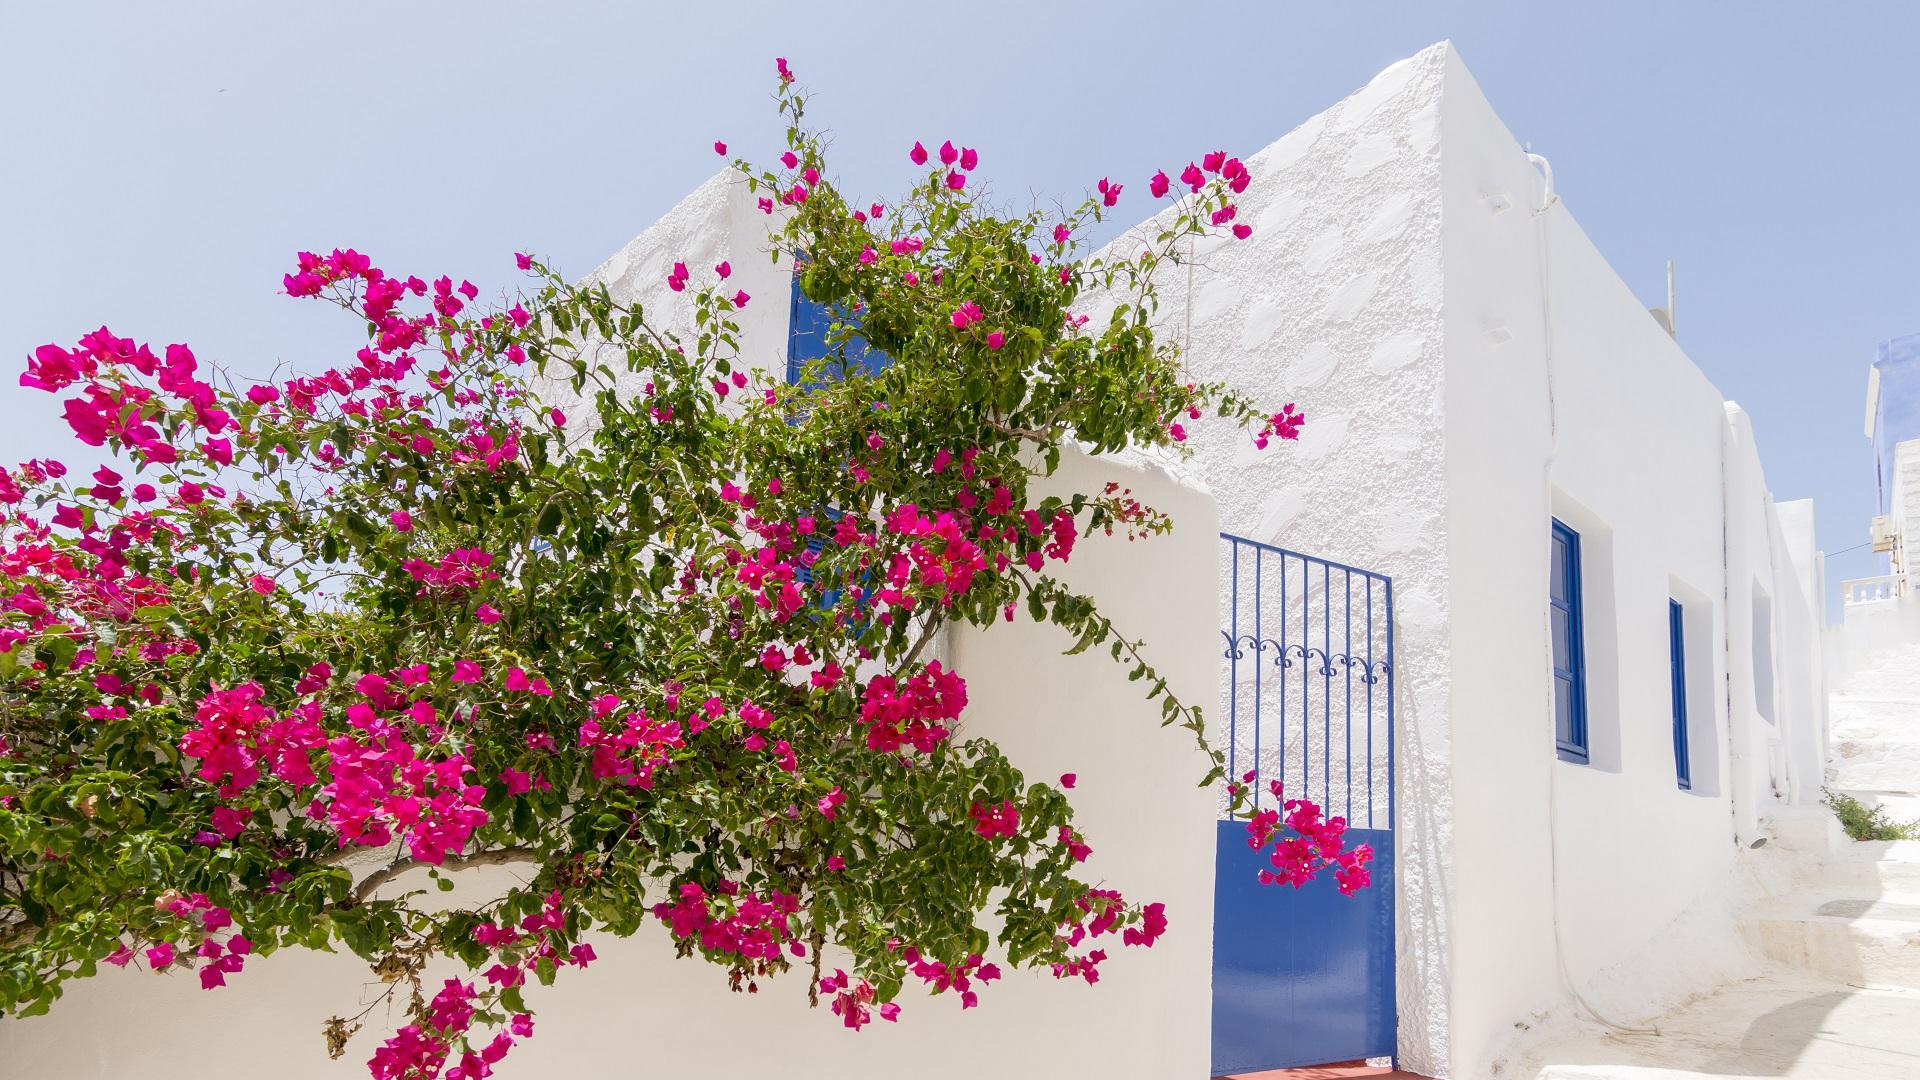 Witte muren, blauwe deuren en ramen en prachtige, gekleurde bloemen